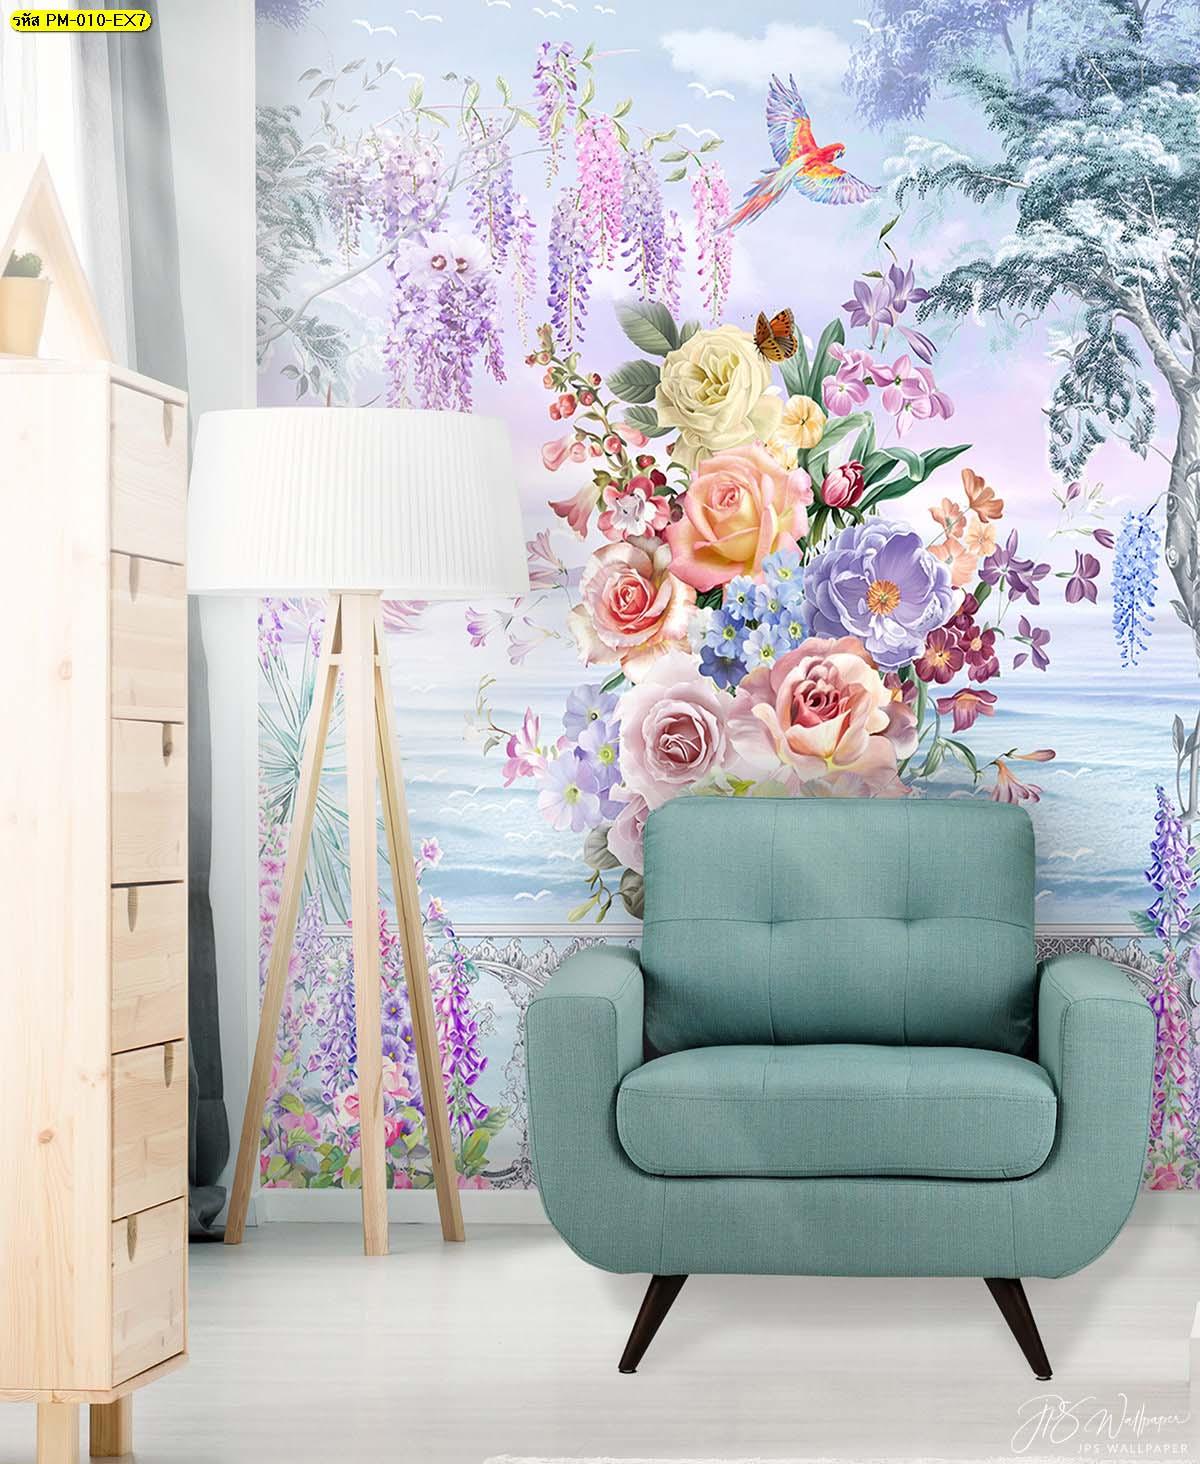 วอลเปเปอร์ลายสวยๆติดห้องนั่งเล่น วอลเปเปอร์ลายสวนดอกไม้